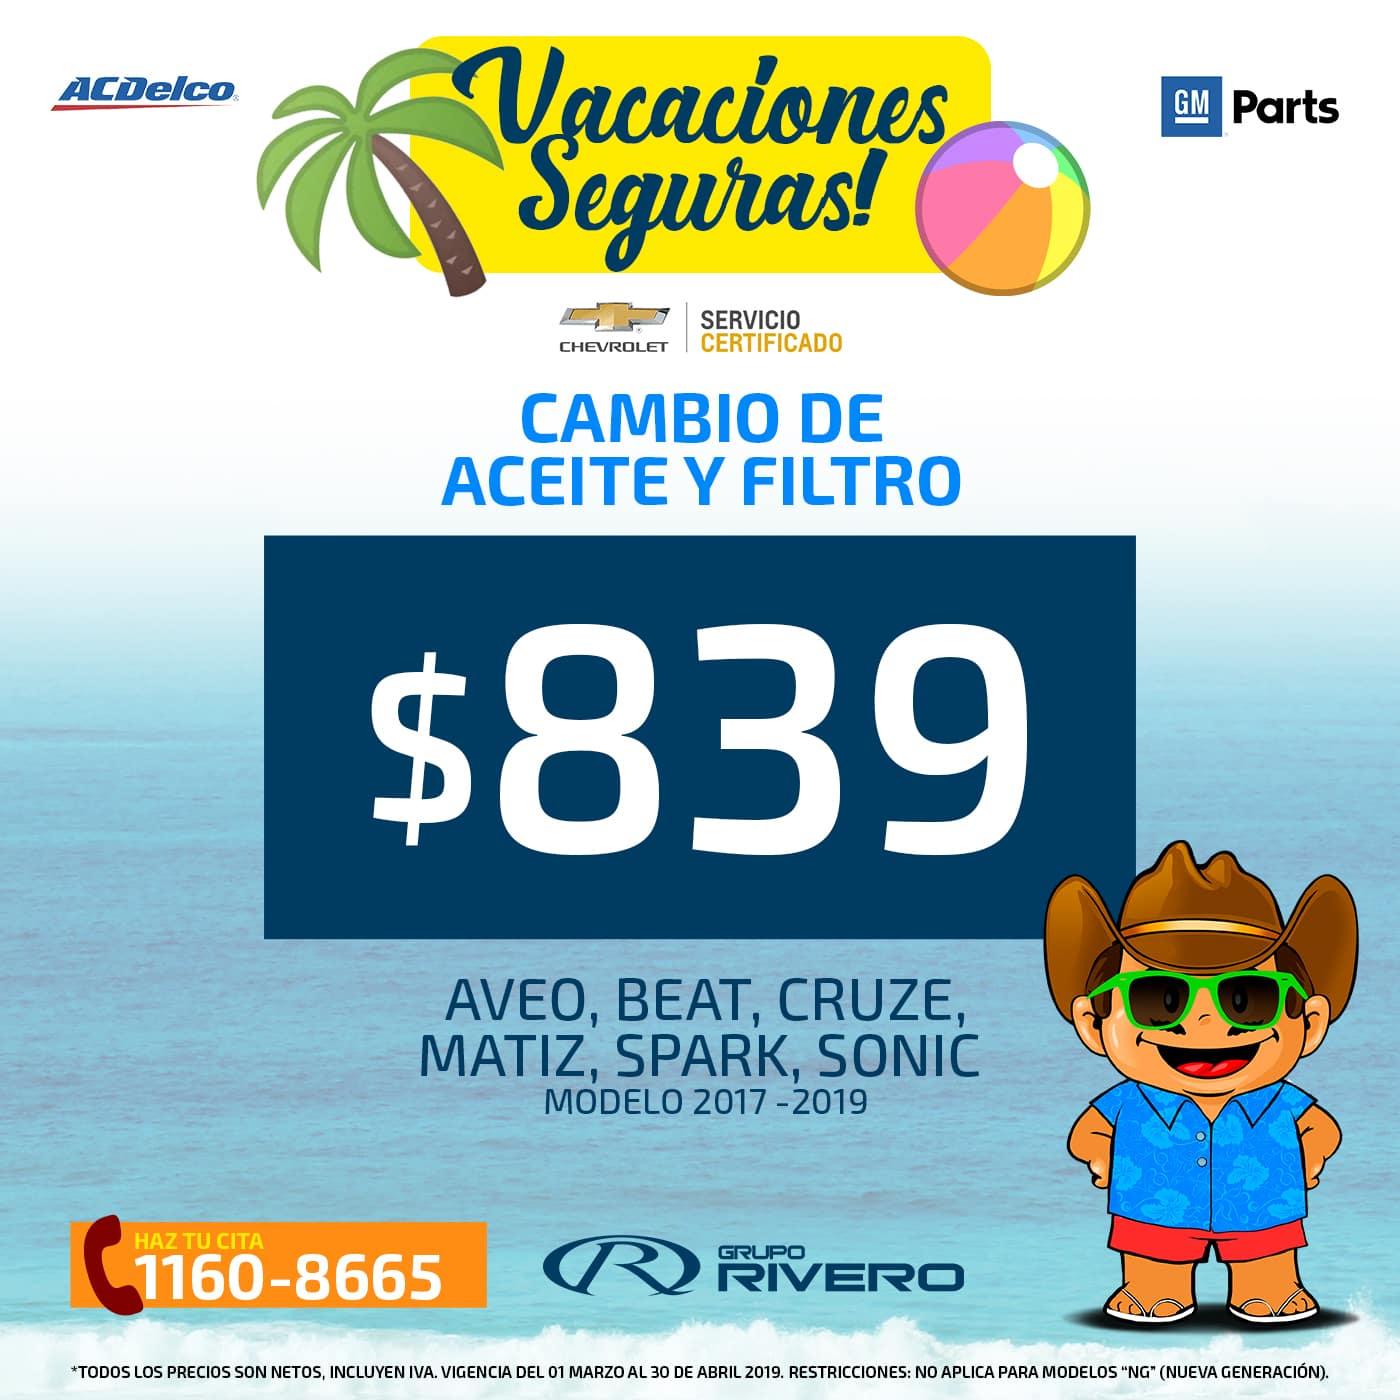 Chevrolet Grupo Rivero cambio de Aceite y Filtro